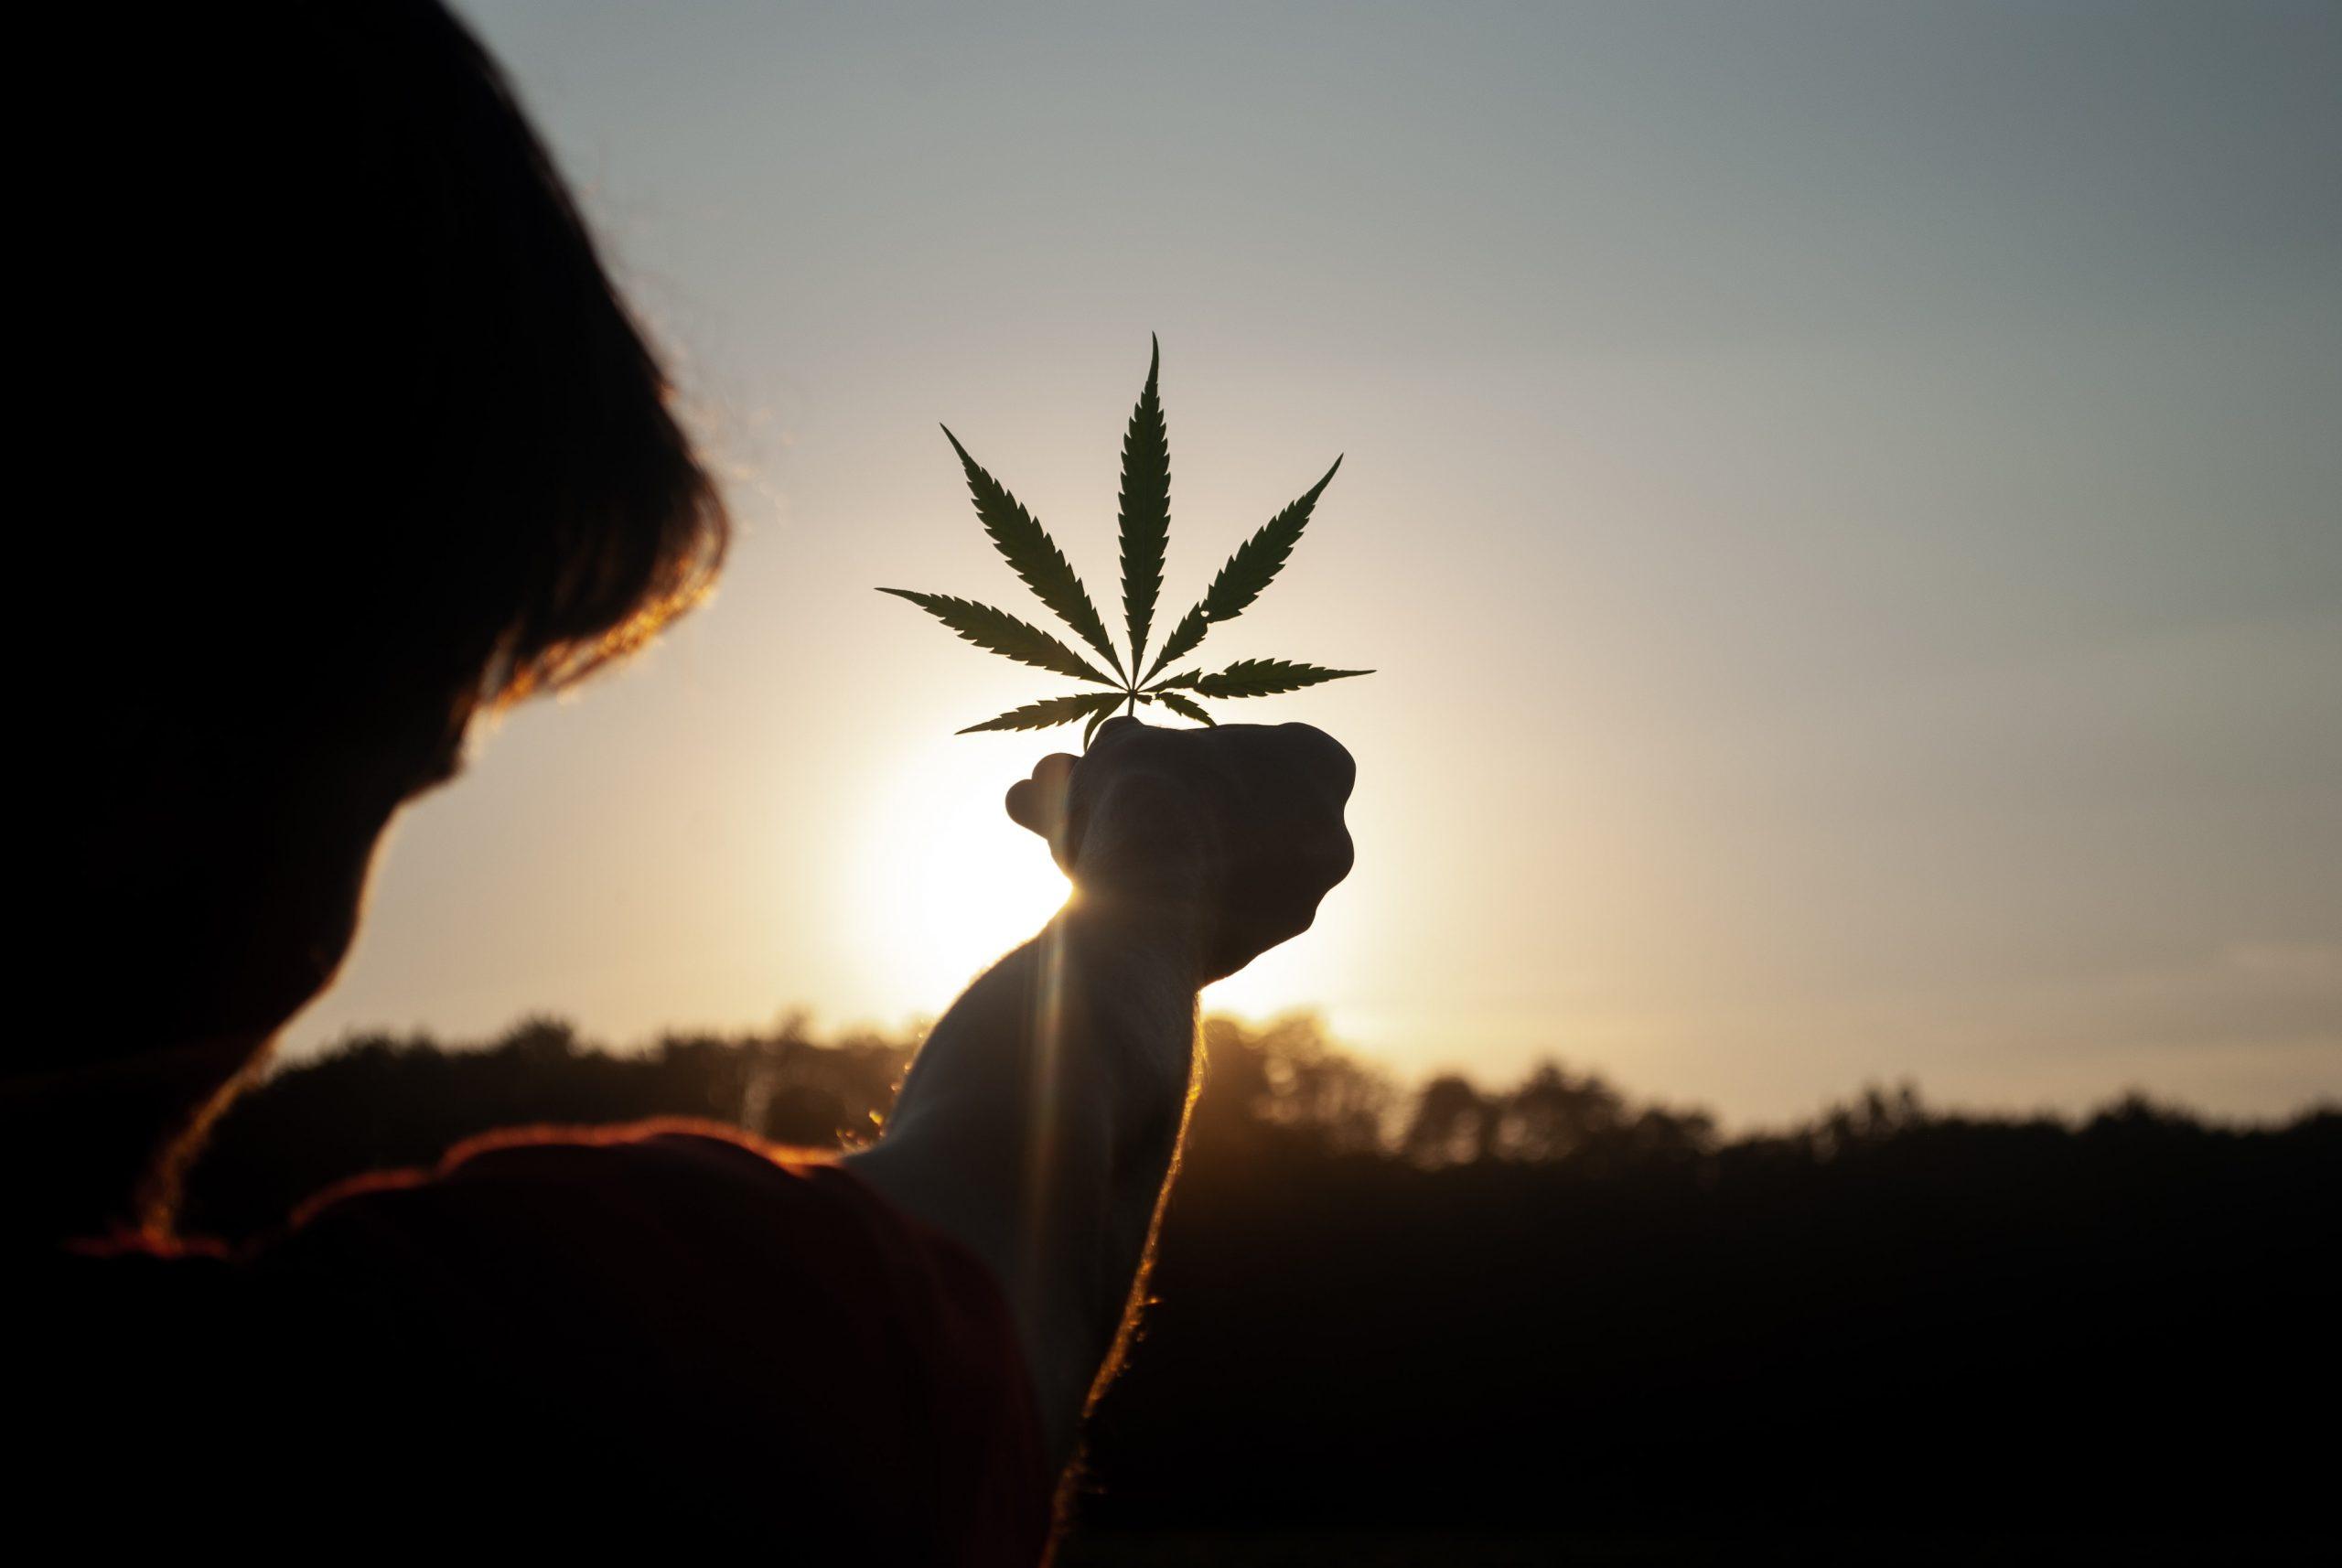 Planta de cannabis tinuta in mana de un barbat la apus de soare